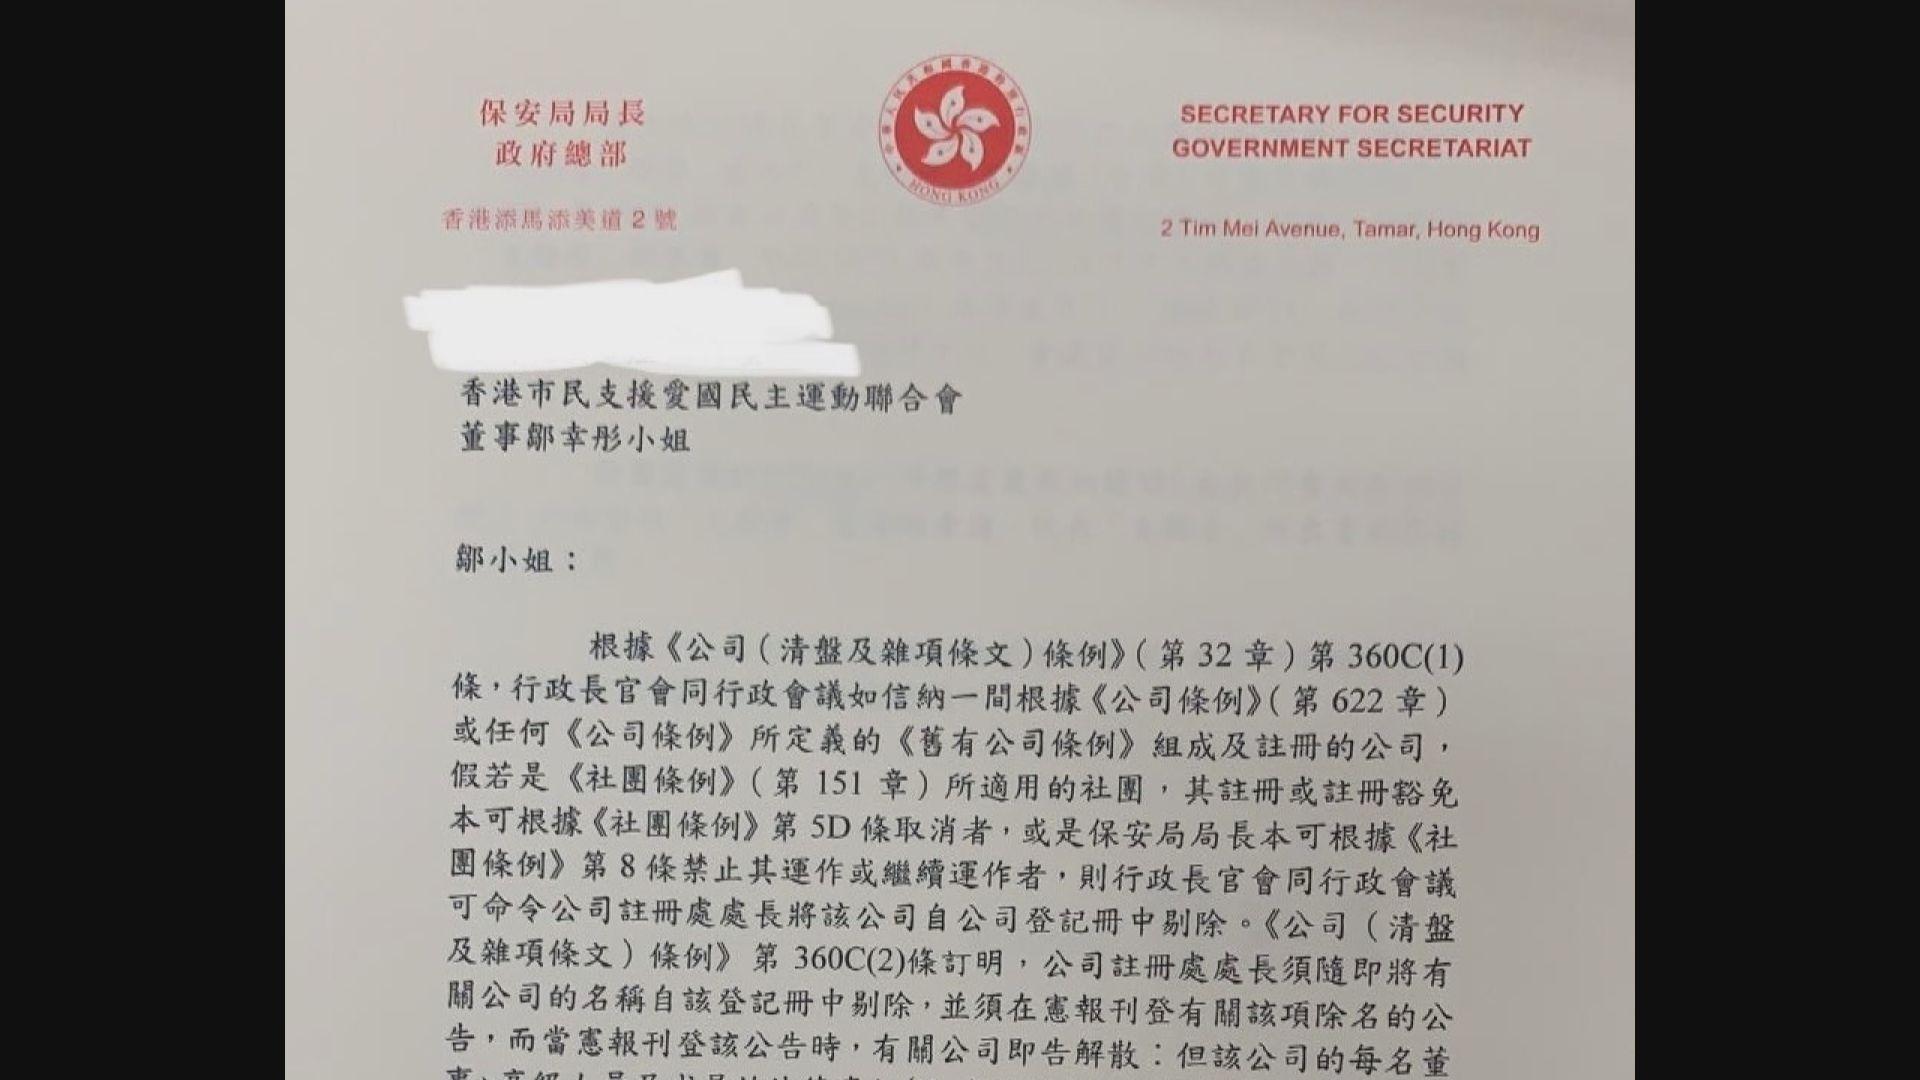 支聯會收保安局信擬剔出公司登記冊 可於本月24日前書面解釋